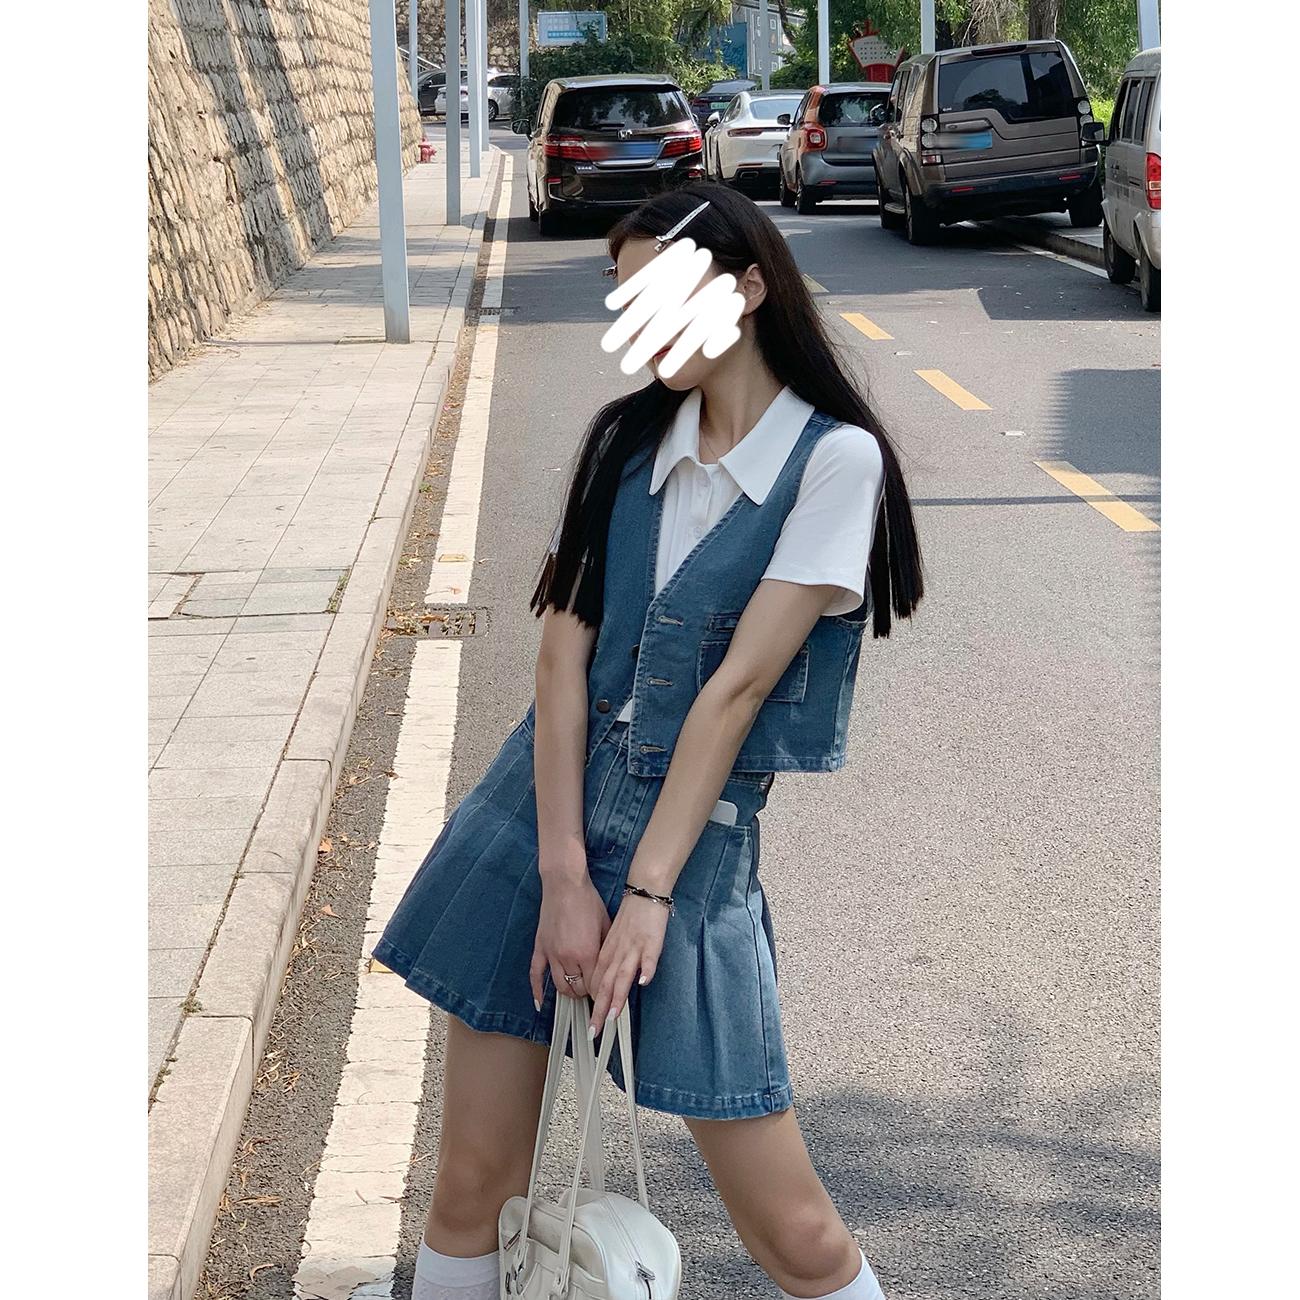 財哥牛仔套装女夏2021年新款洋气时尚短款马甲百褶短裙减龄两件套